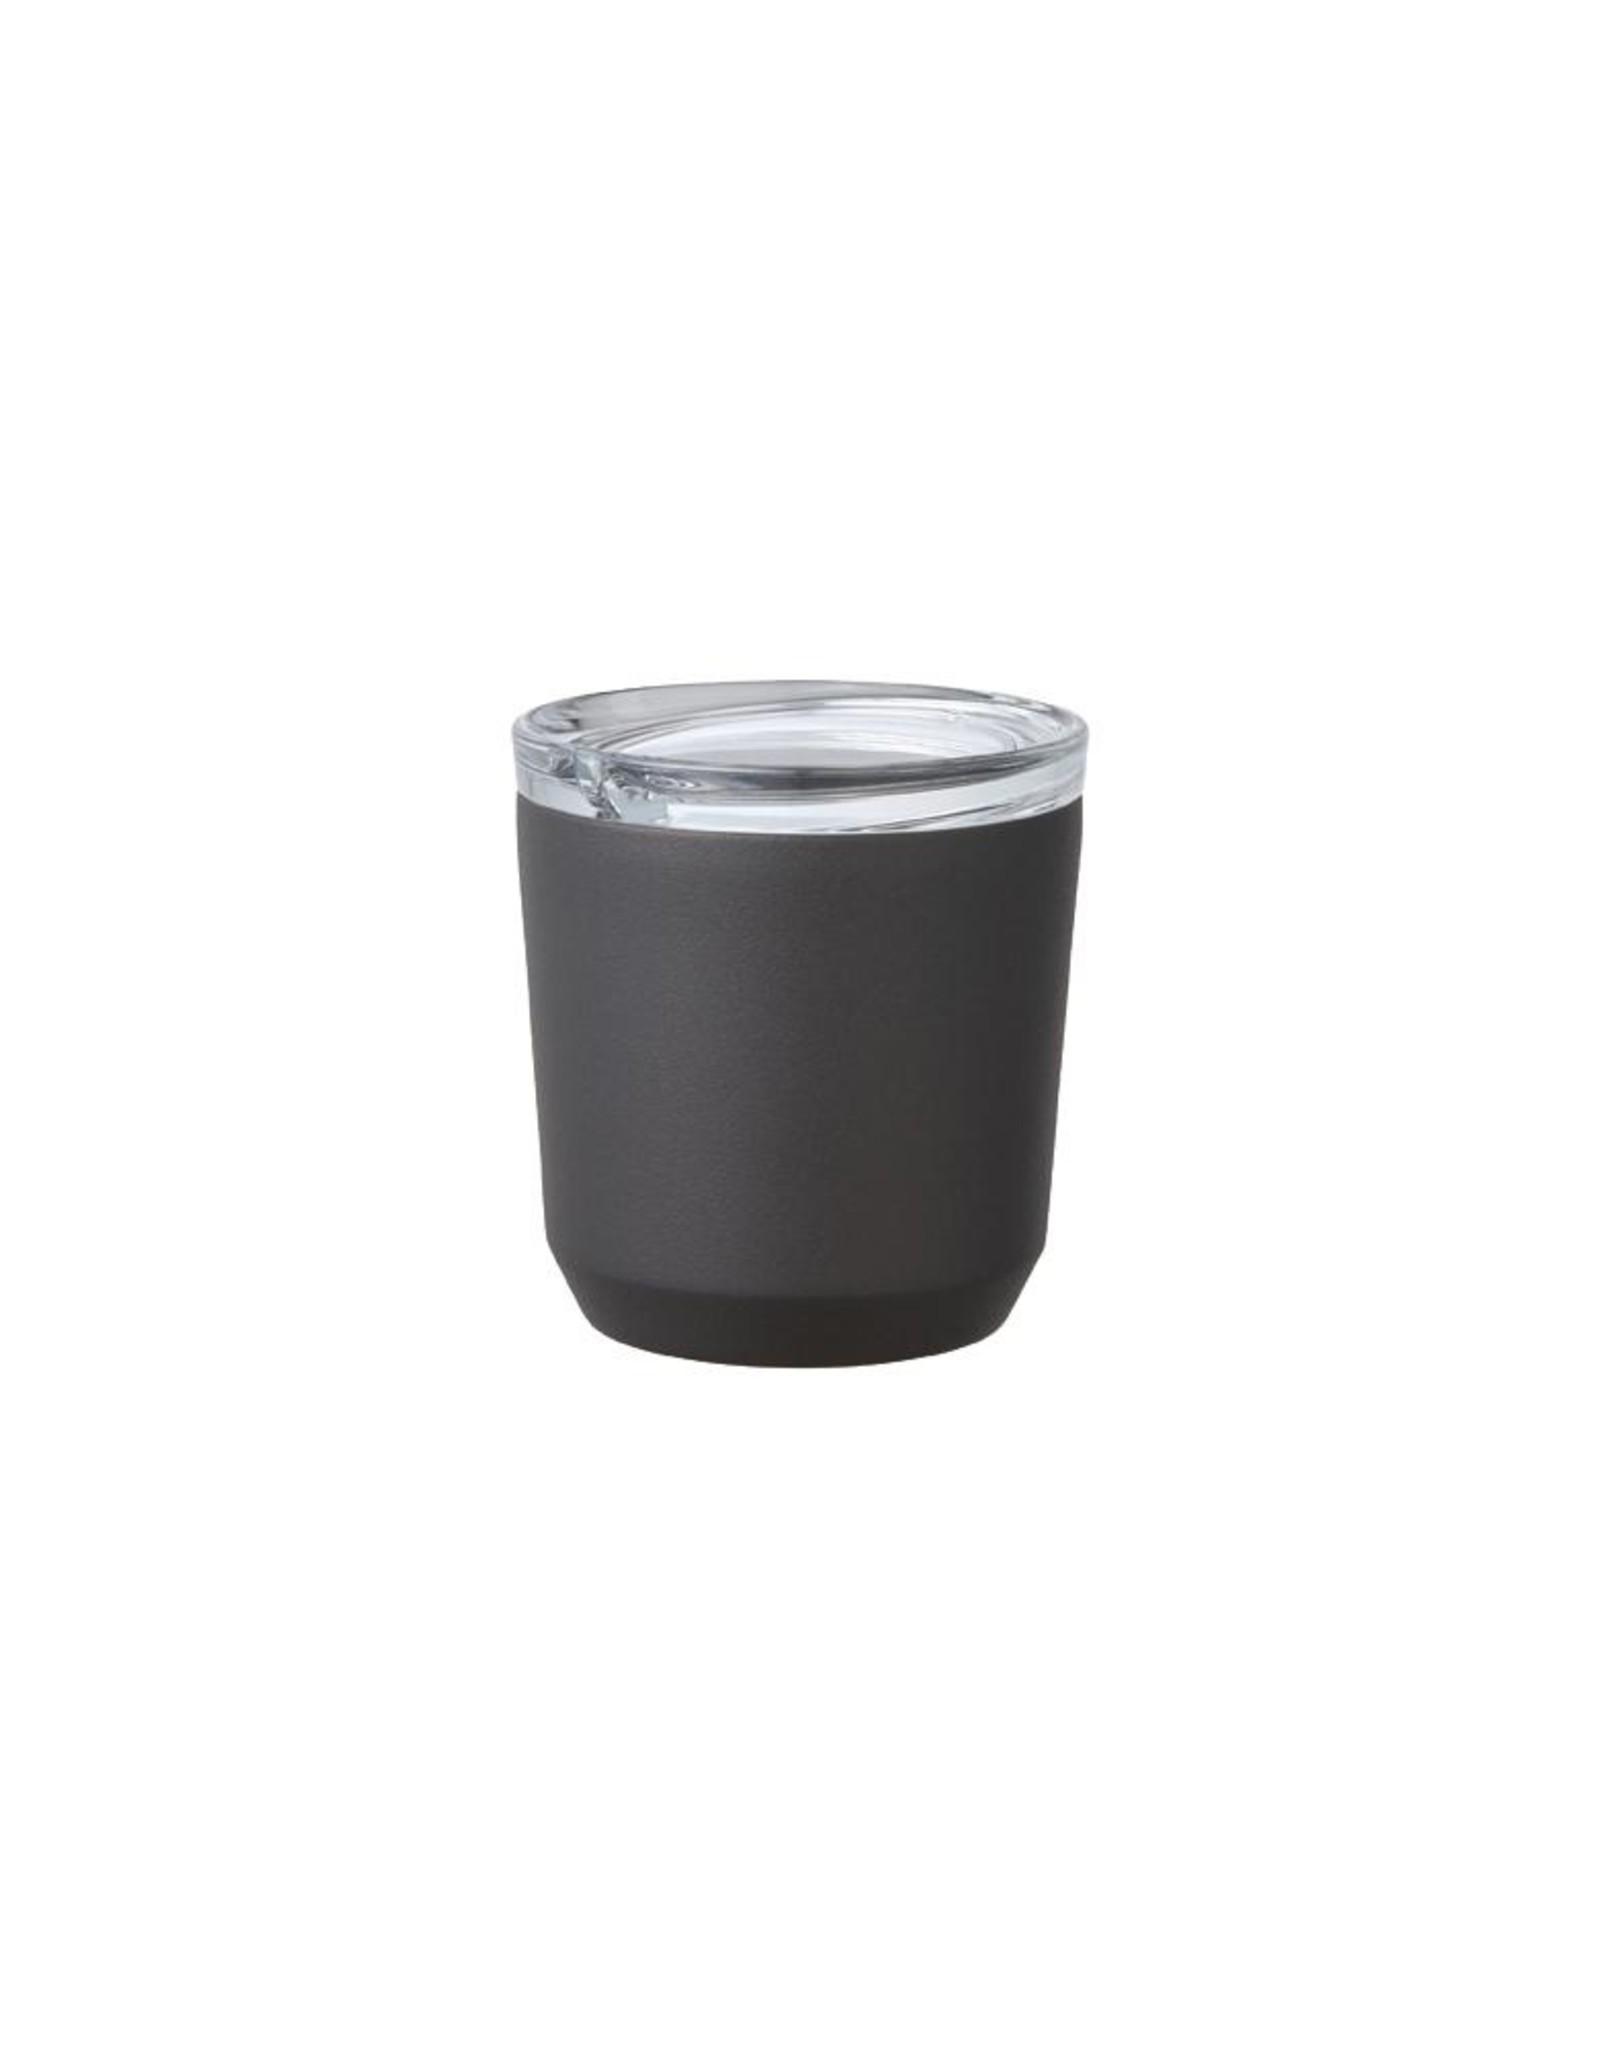 Kinto - To Go Tumbler - 240 mL - Noir